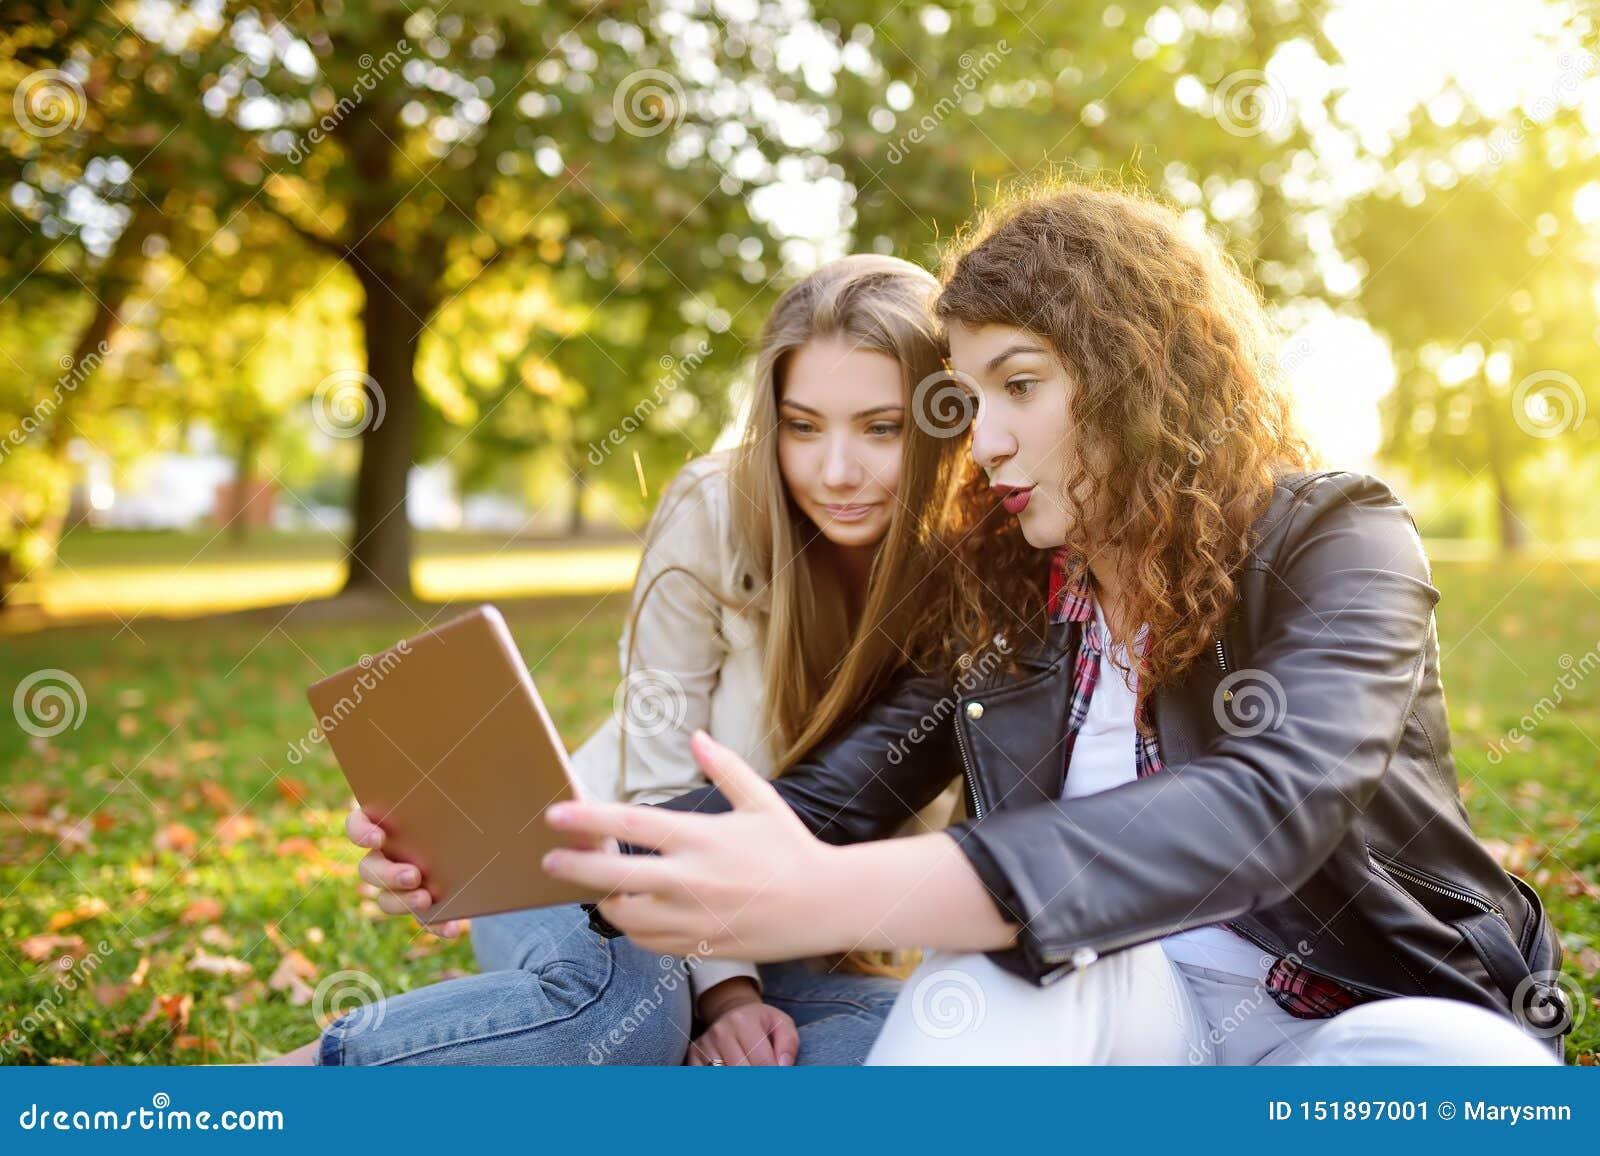 The dating - Traducere în română - exemple în engleză   Reverso Context